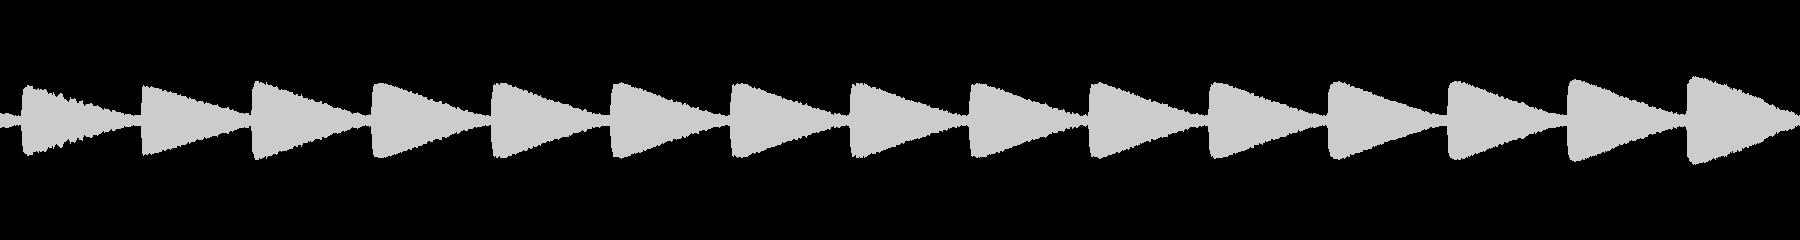 トラックchev警告音まで、の未再生の波形